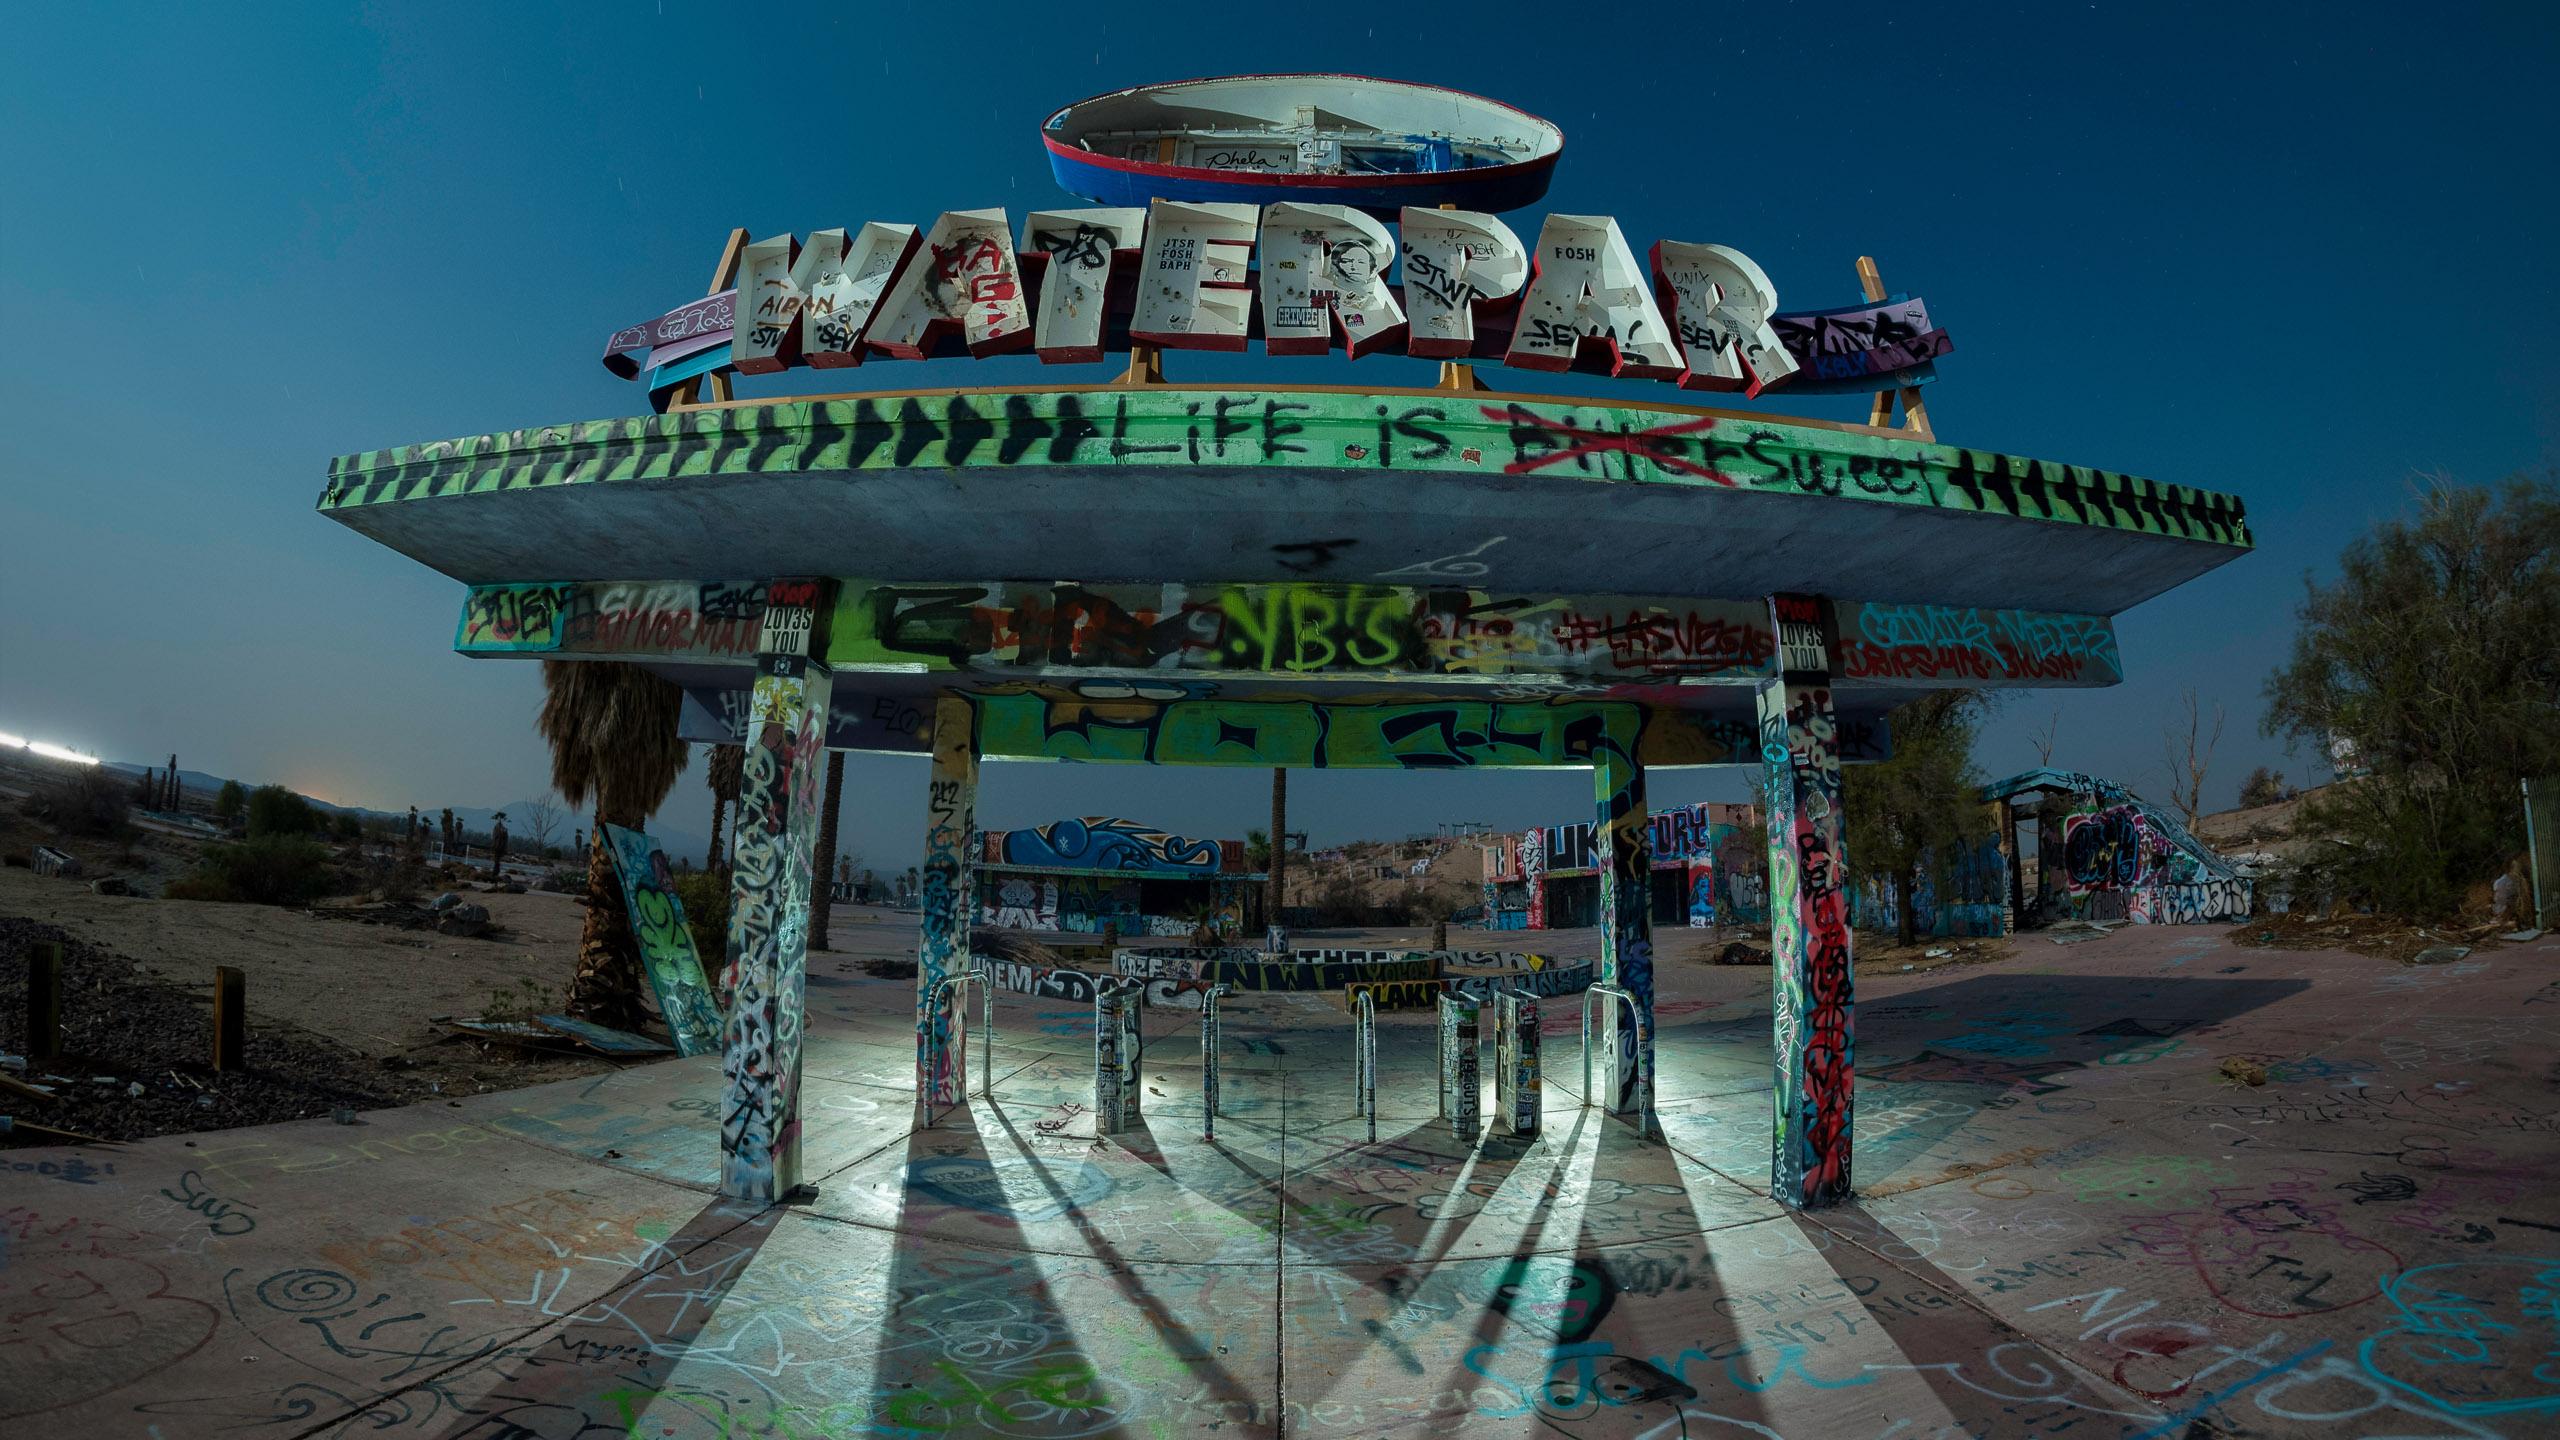 9599_kenlee_lake-dolores-waterpark_210819_2316_3mf8iso200_D750_waterpark-sign-fisheye-HEADER